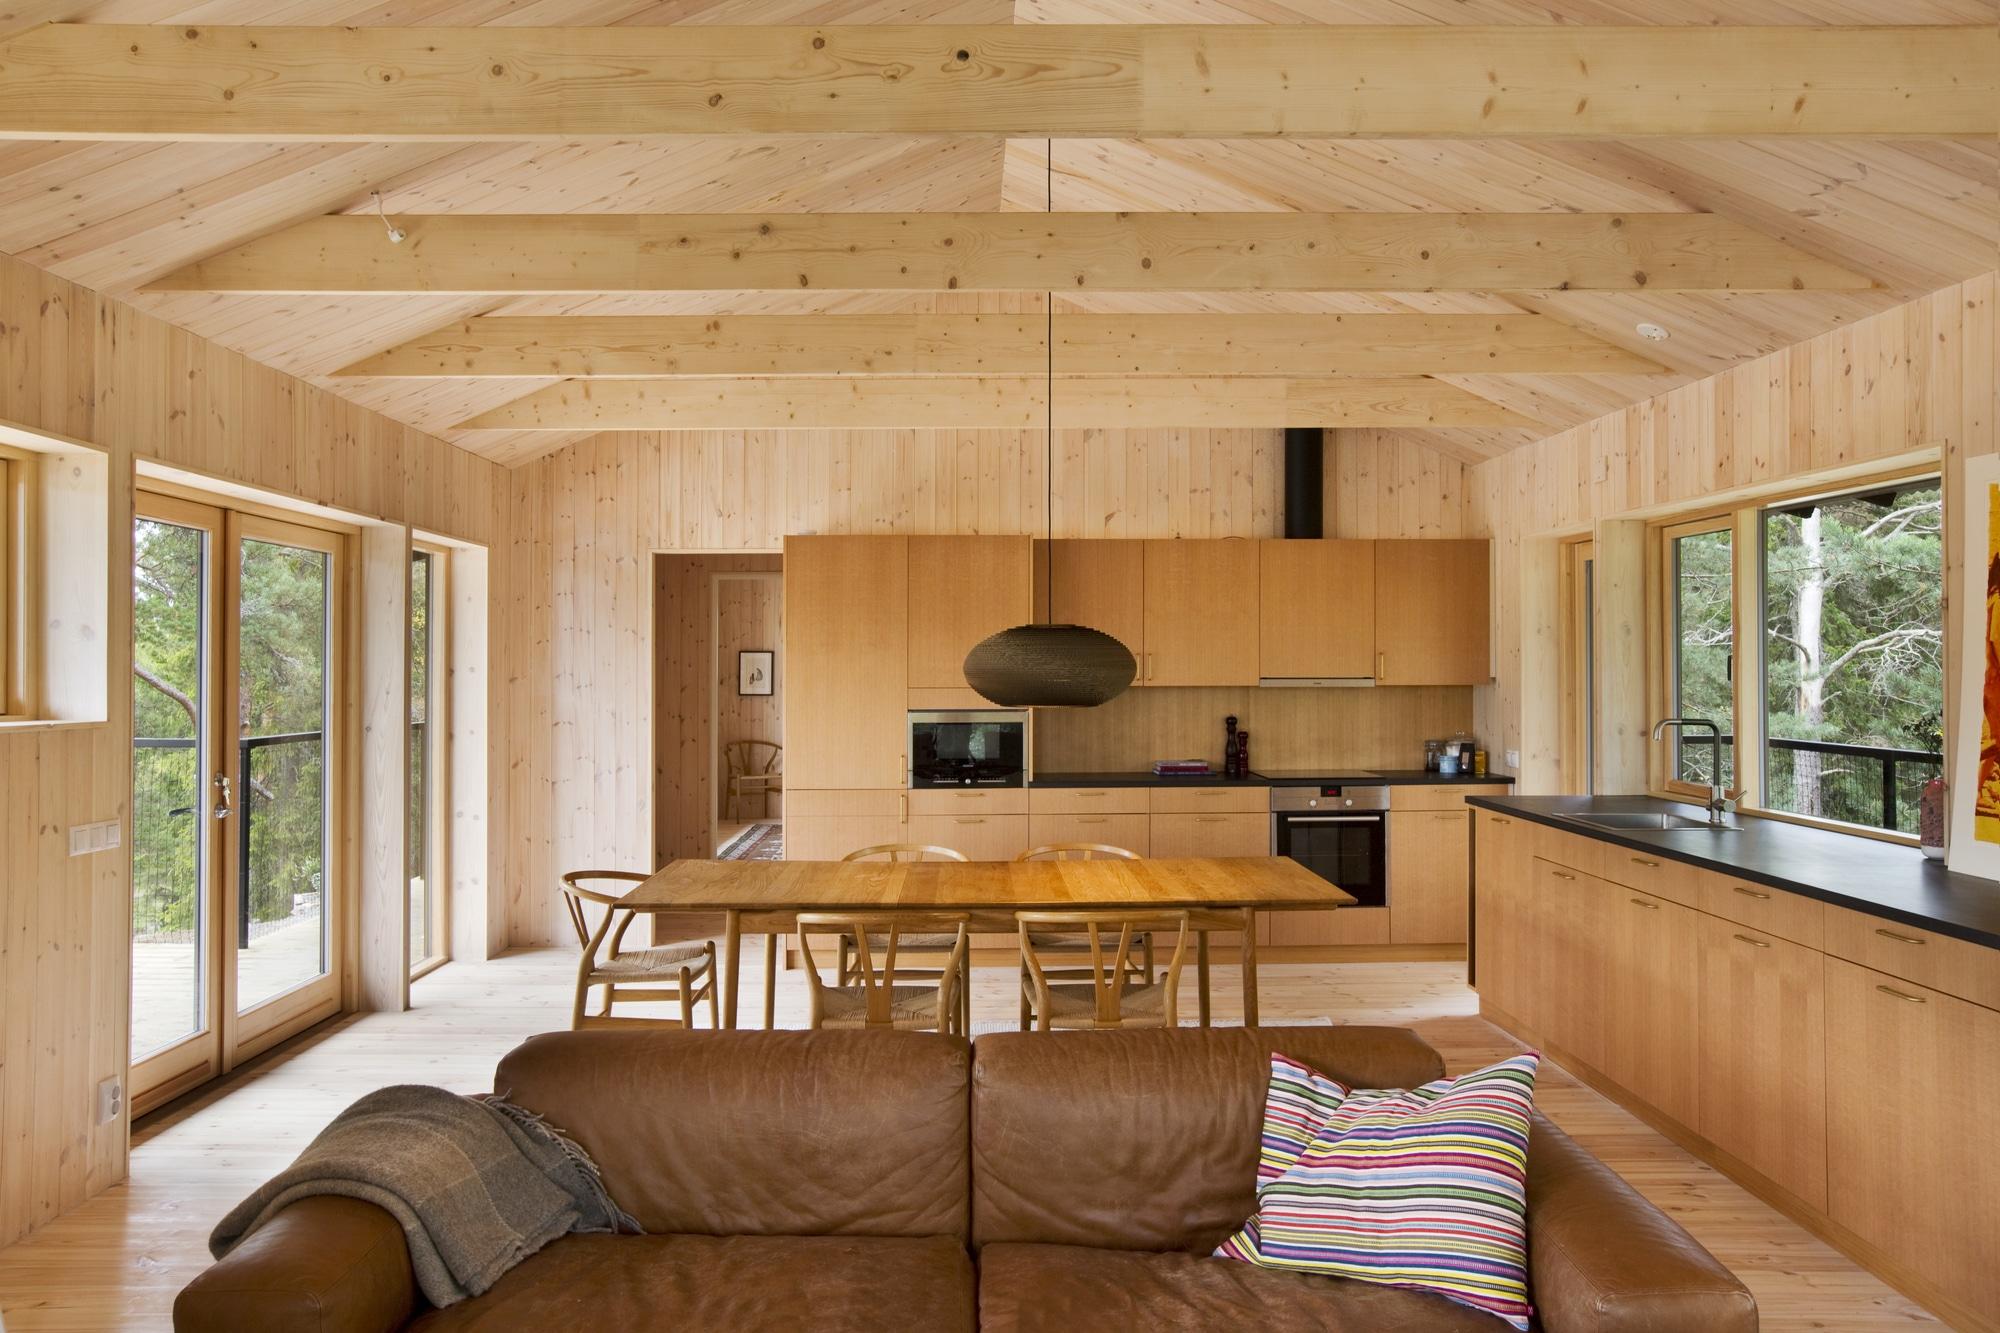 Dise o de casa peque a de madera fachada planos interior for Diseno de interiores de casas pequenas modernas